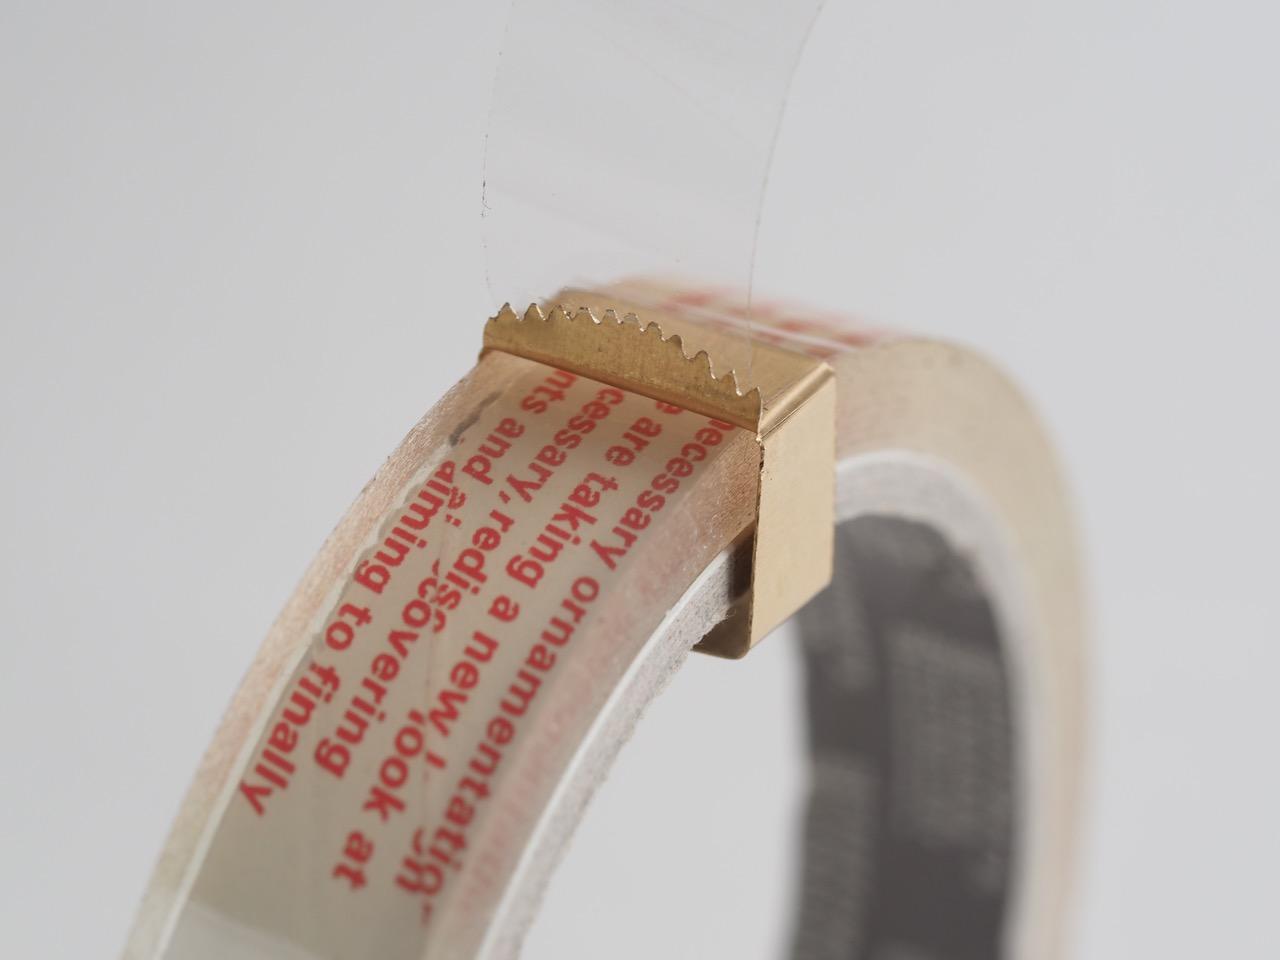 透明テープのカッター刃はこれがいいです